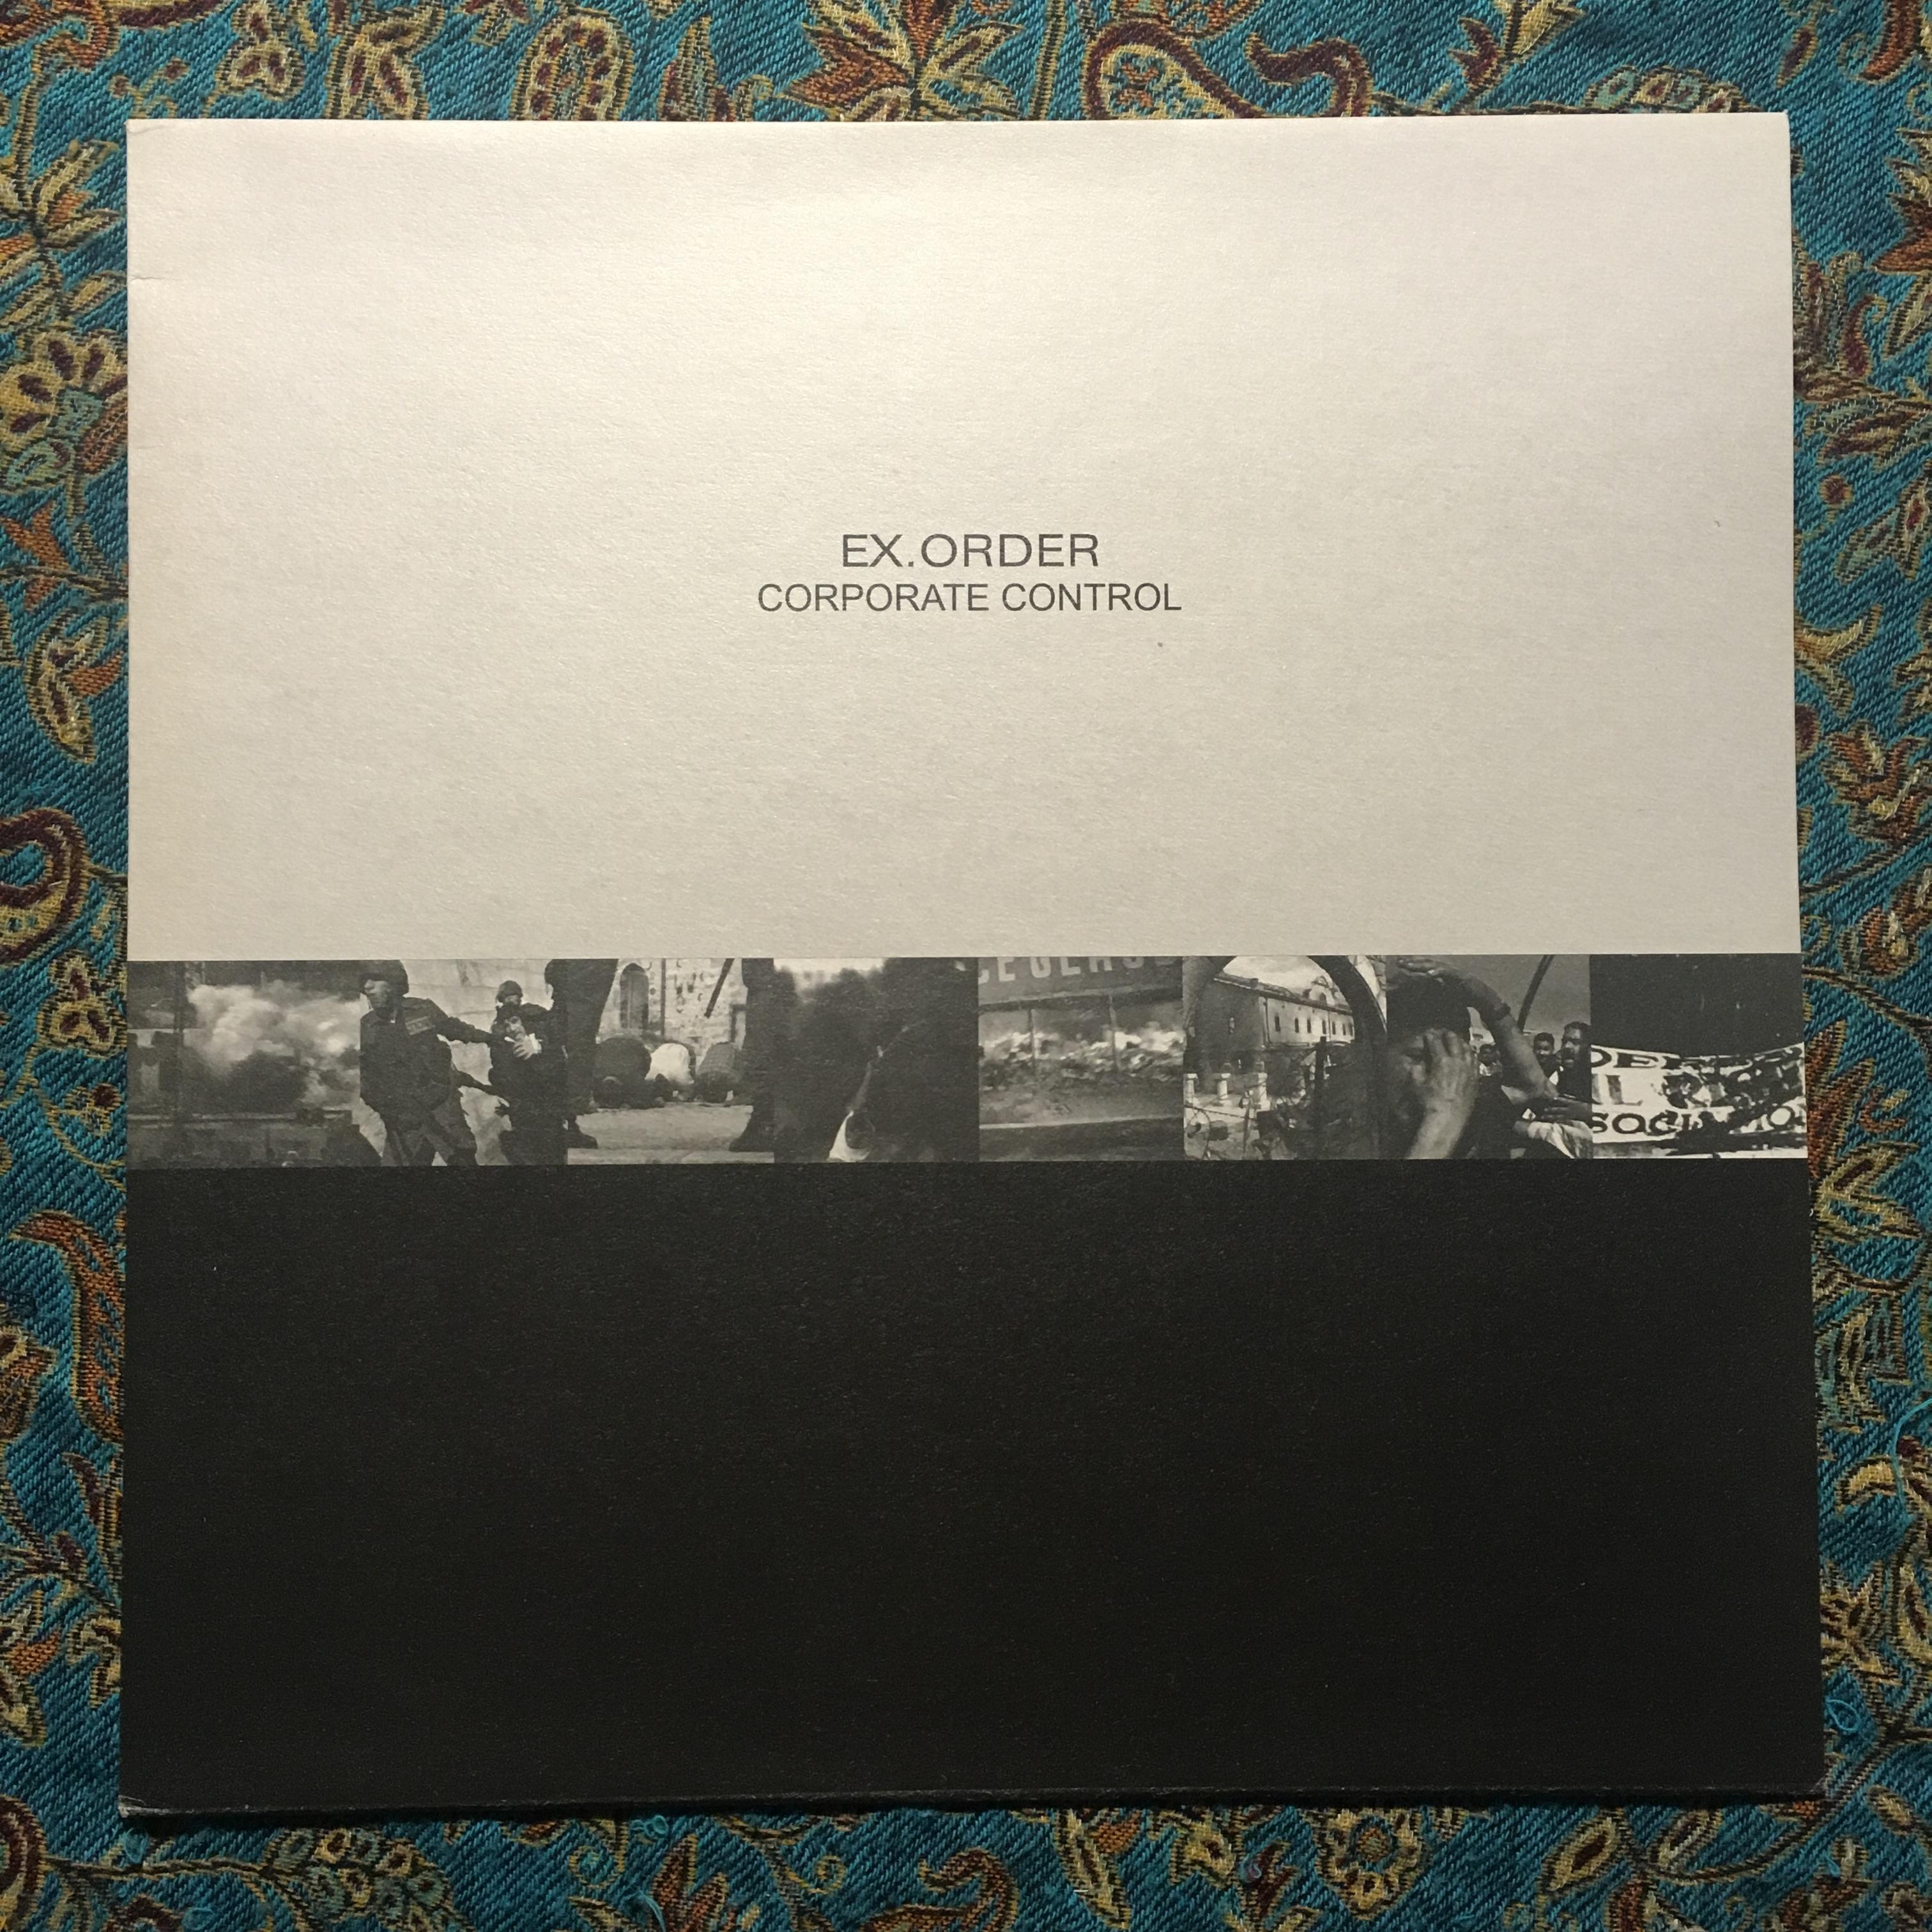 EX.ORDER – Corporate Control LP (VG+/NM)